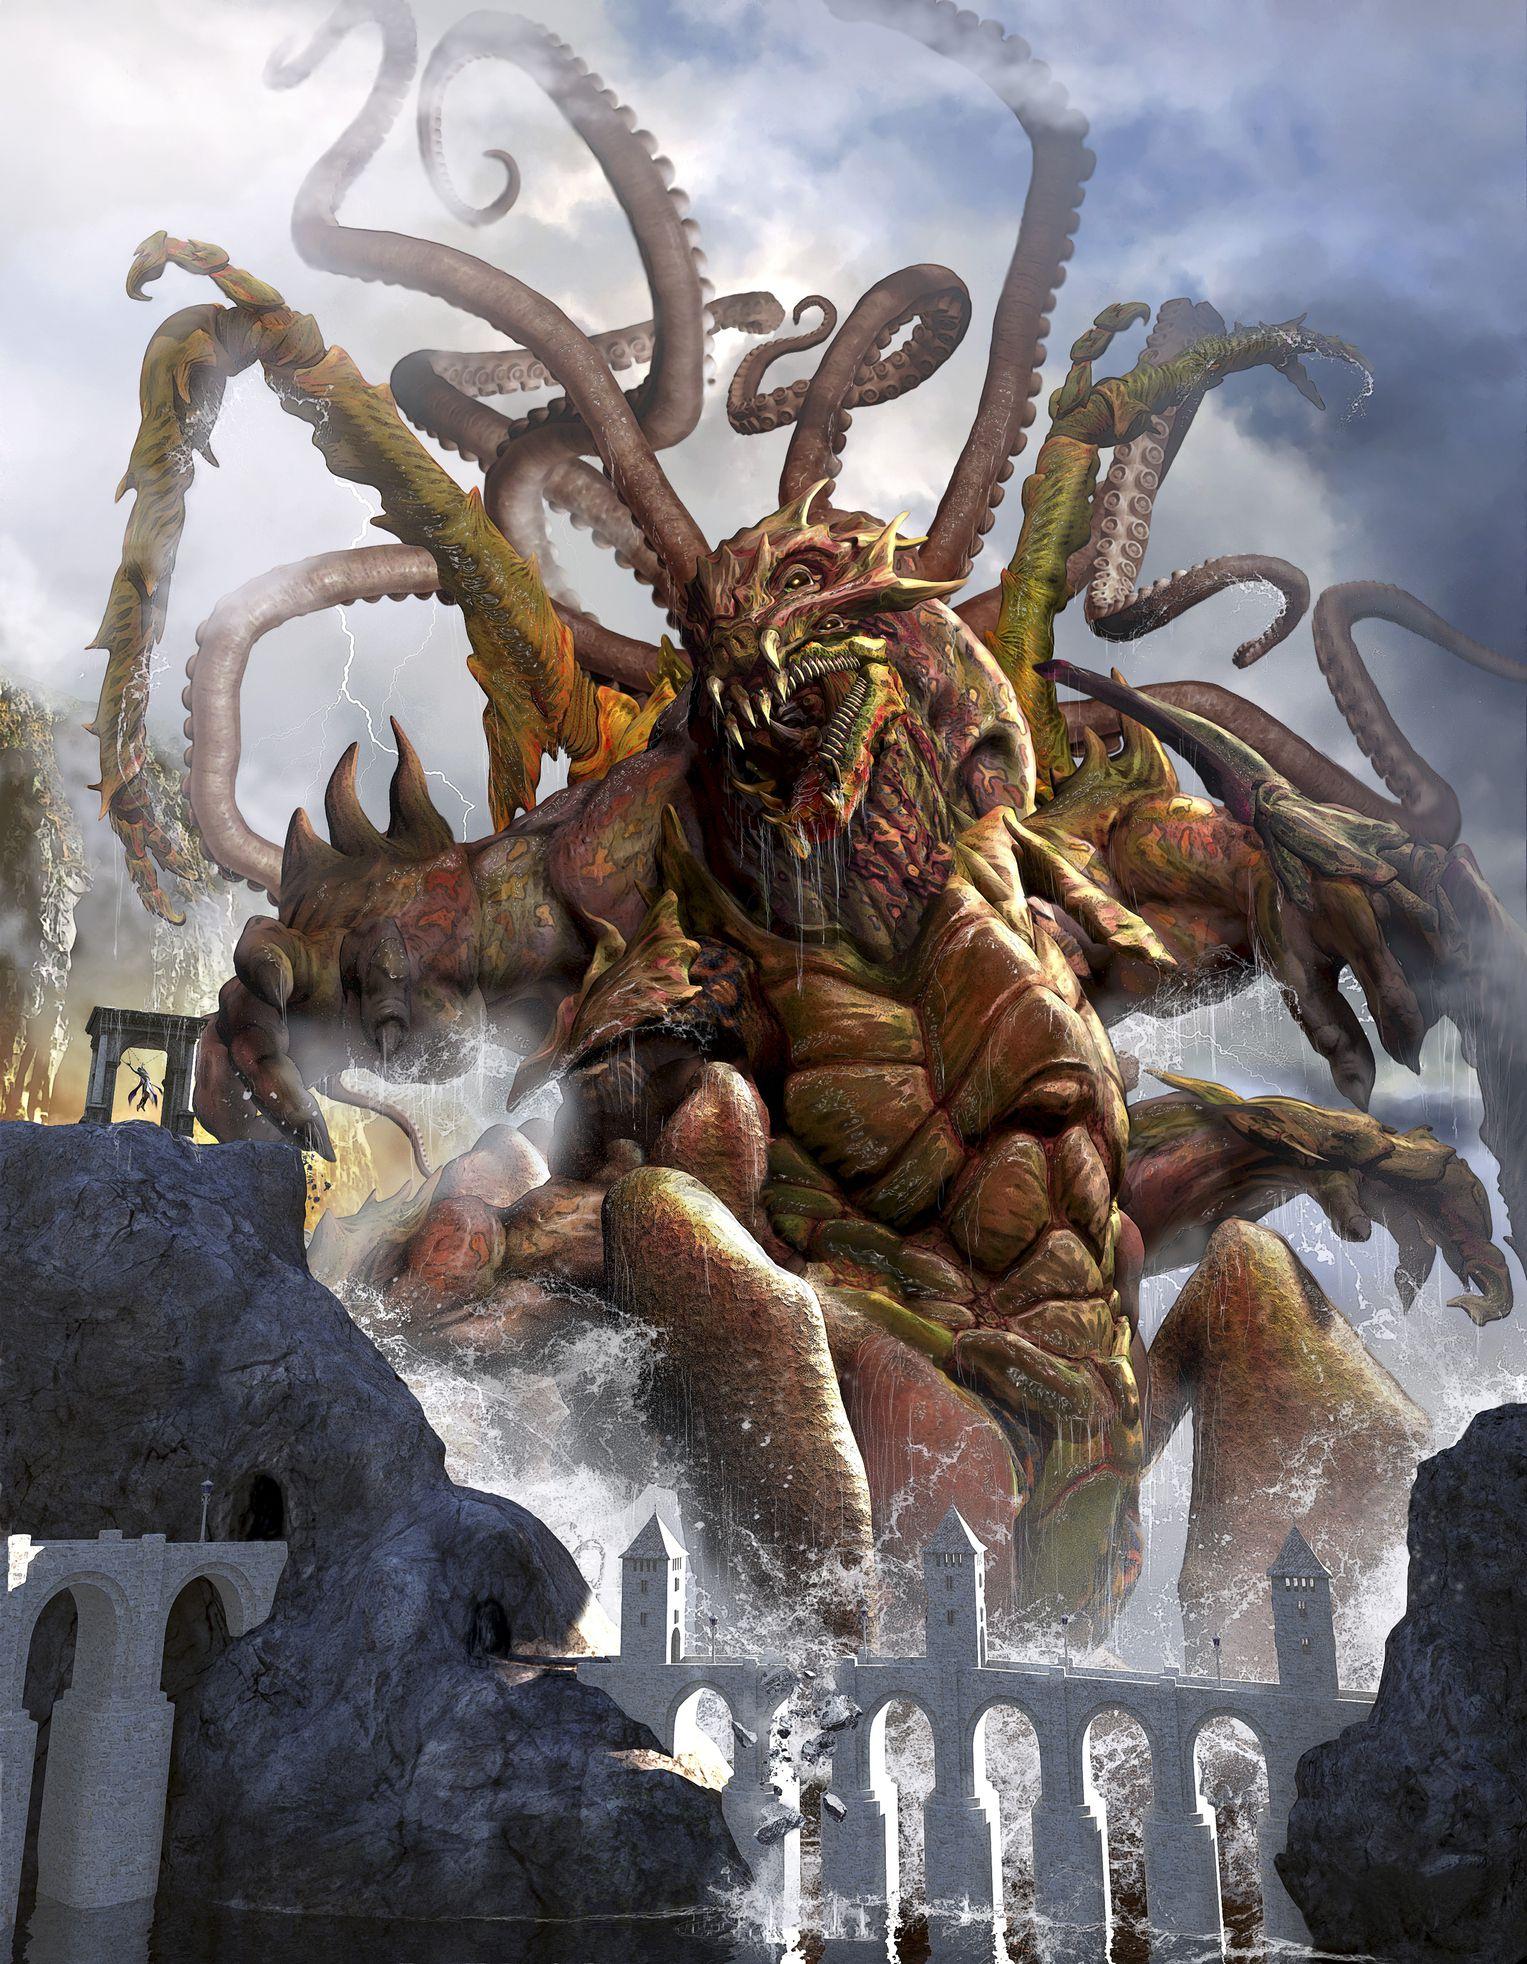 Kraken Mythologie